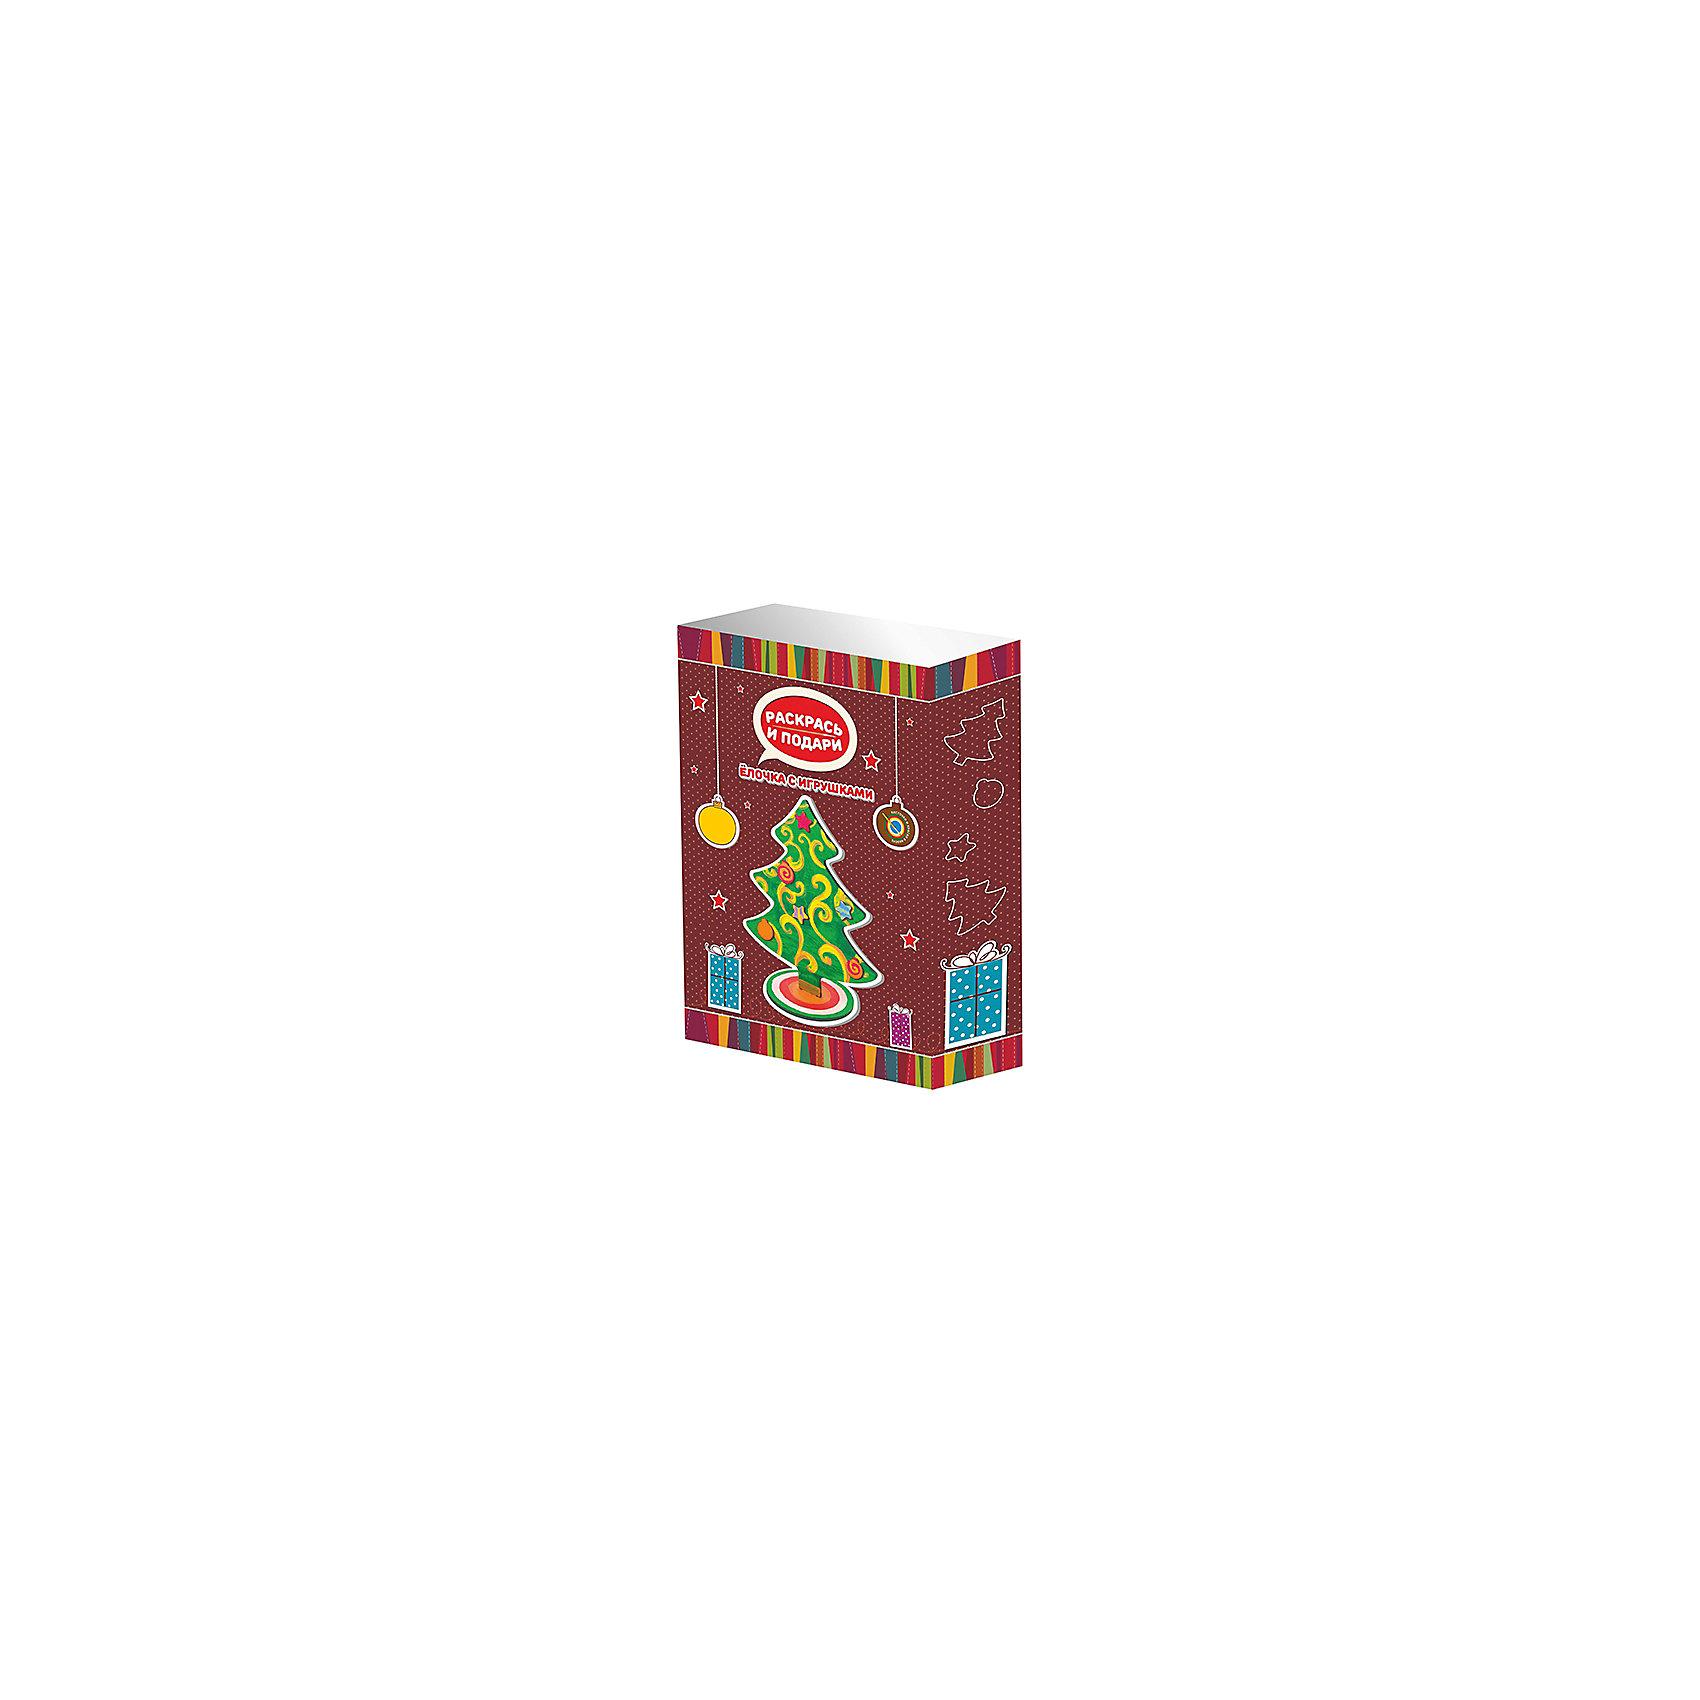 Набор для творчества Раскрась и подари - Елочка с игрушками БумбарамВсё для праздника<br>Набор Елочка с игрушками, Бумбарам.<br><br>Характеристики:<br><br>• новогодний сувенир своими руками<br>• краска легко наносится<br>• подходит в качестве подарка<br>• материал: дерево, краска, пластик, клей<br>• в комплекте: елка, игрушки, краски (6 цветов), клей<br>• размер упаковки: 24х17х5 см<br>• вес: 250 грамм<br><br>Набор Елочка с игрушками прекрасно подойдет для детского творчества в преддверии Нового года. В процессе игры ребенку предстоит раскрасить все детали и прикрепить игрушки к елочке с помощью клея. Готовой поделкой можно украсить свою комнату или подарить ее близкому человеку. Подарите ребенку возможность сделать красочный сувенир своими руками!<br><br>Вы можете купить набор Елочка с игрушками, Бумбарам в нашем интернет-магазине.<br><br>Ширина мм: 245<br>Глубина мм: 165<br>Высота мм: 50<br>Вес г: 250<br>Возраст от месяцев: 72<br>Возраст до месяцев: 144<br>Пол: Унисекс<br>Возраст: Детский<br>SKU: 5054028